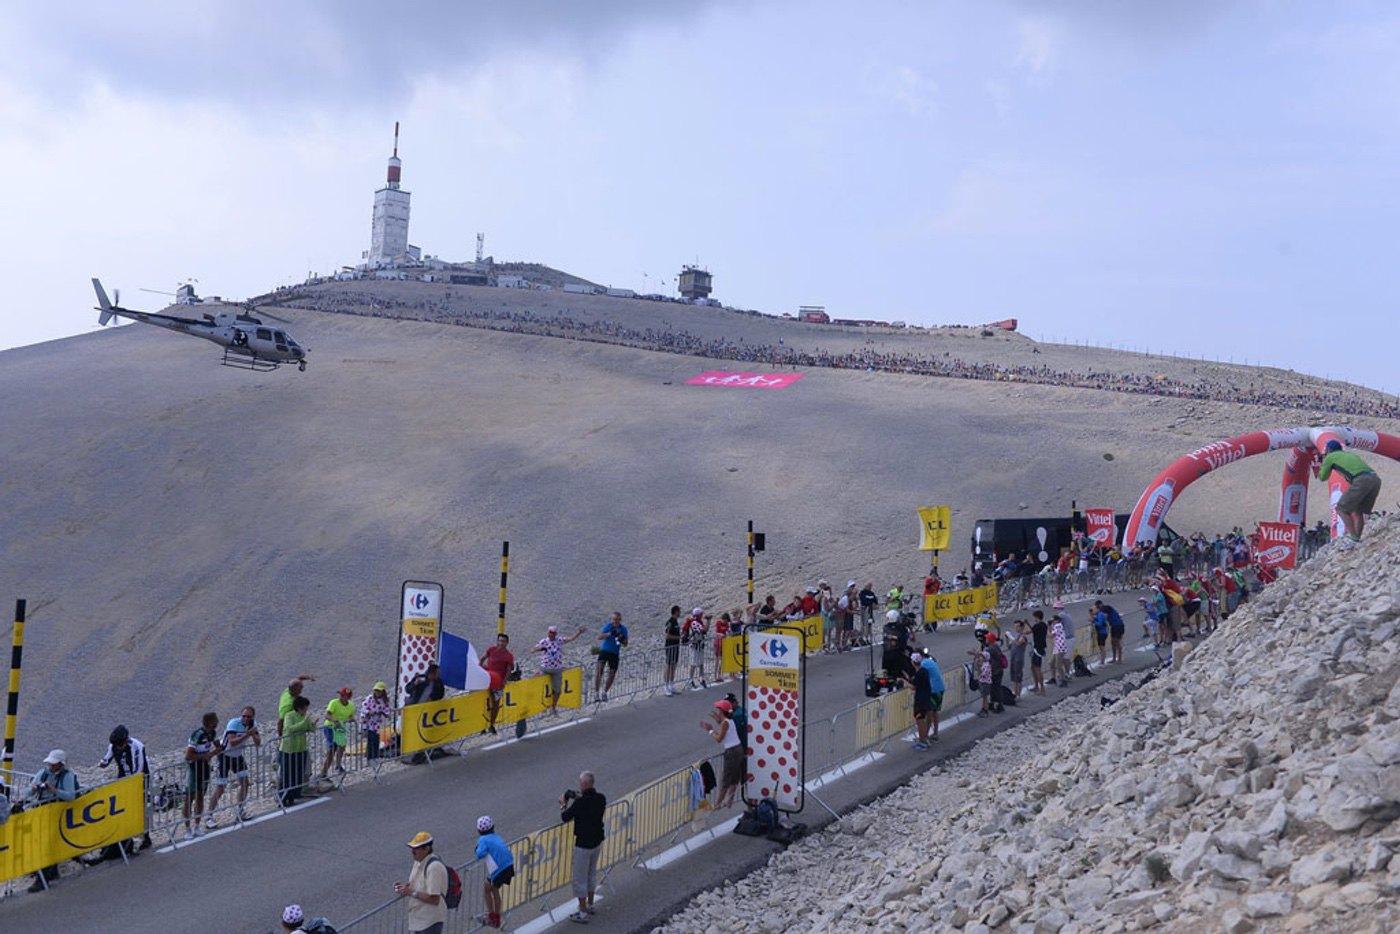 La mítica ascensión al Mont Ventoux del Tour de Francia ve modificado su recorrido por las predicciones meteorológicas